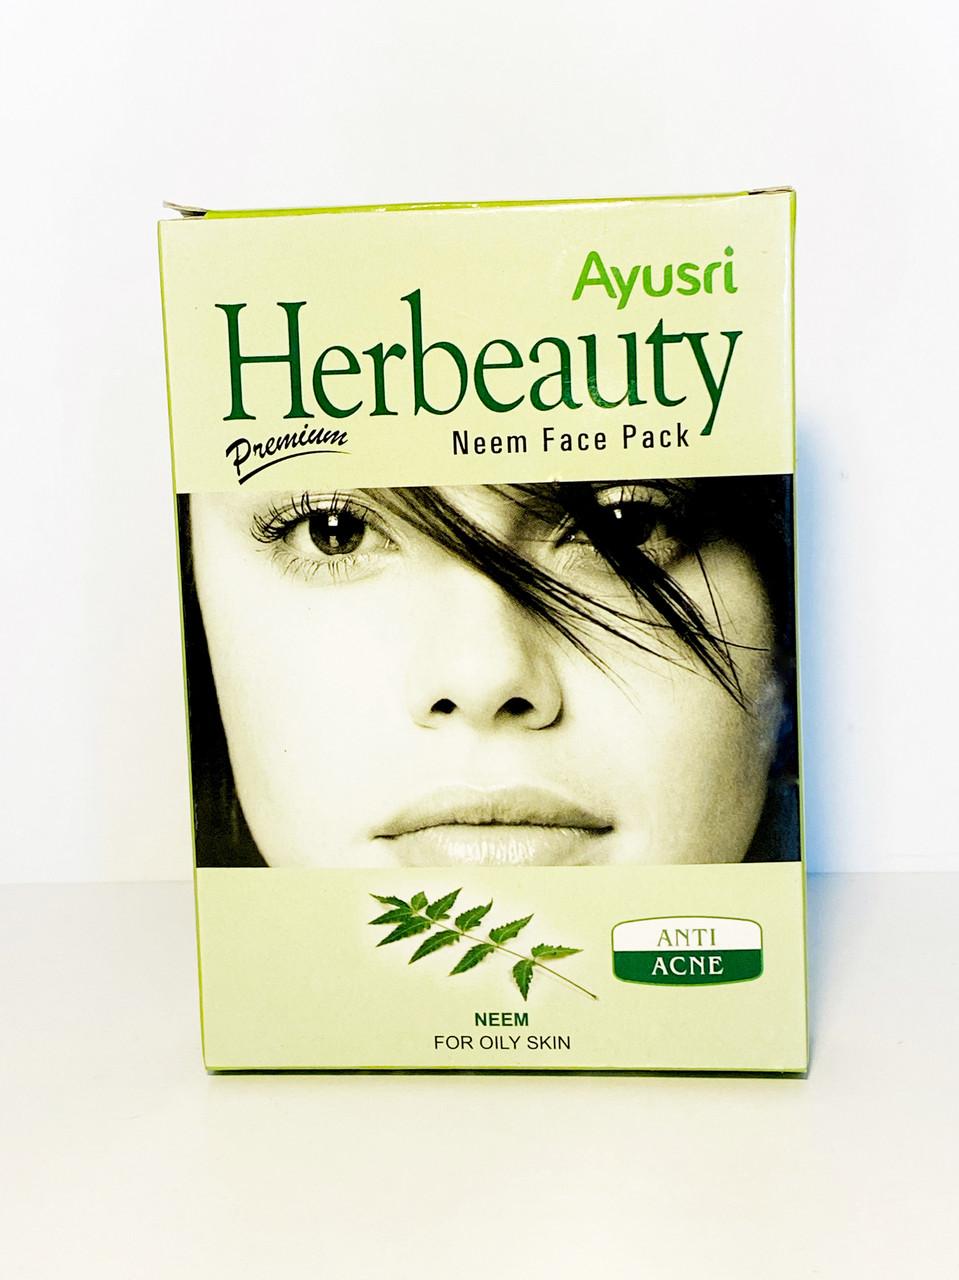 Herbeauty Neem Face Pack(Dry), маска с нимом для нормальной и сухой кожи, 100 гр